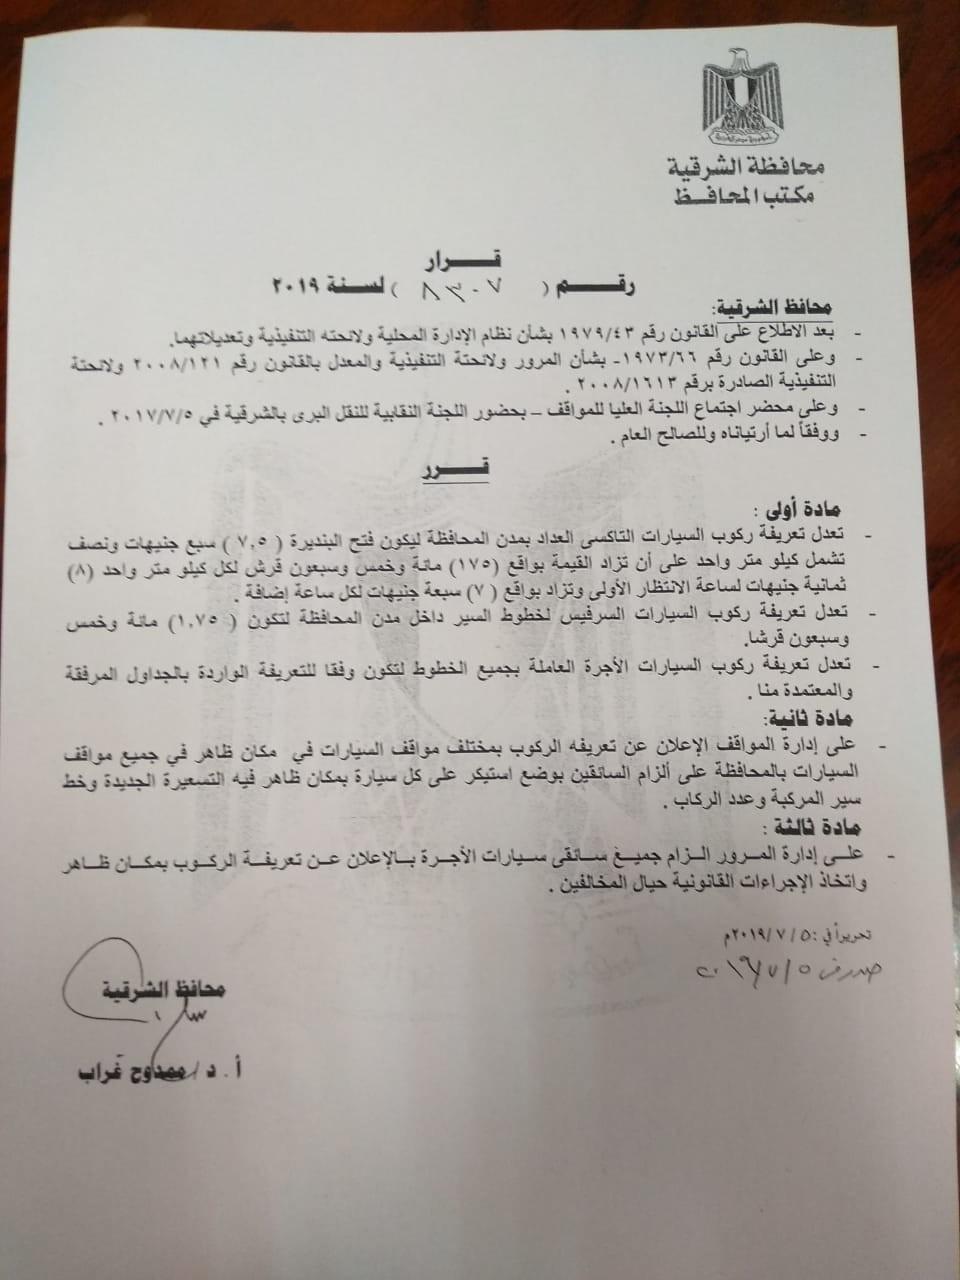 تعريفة الأجرة الجديدة بالشرقية (1)